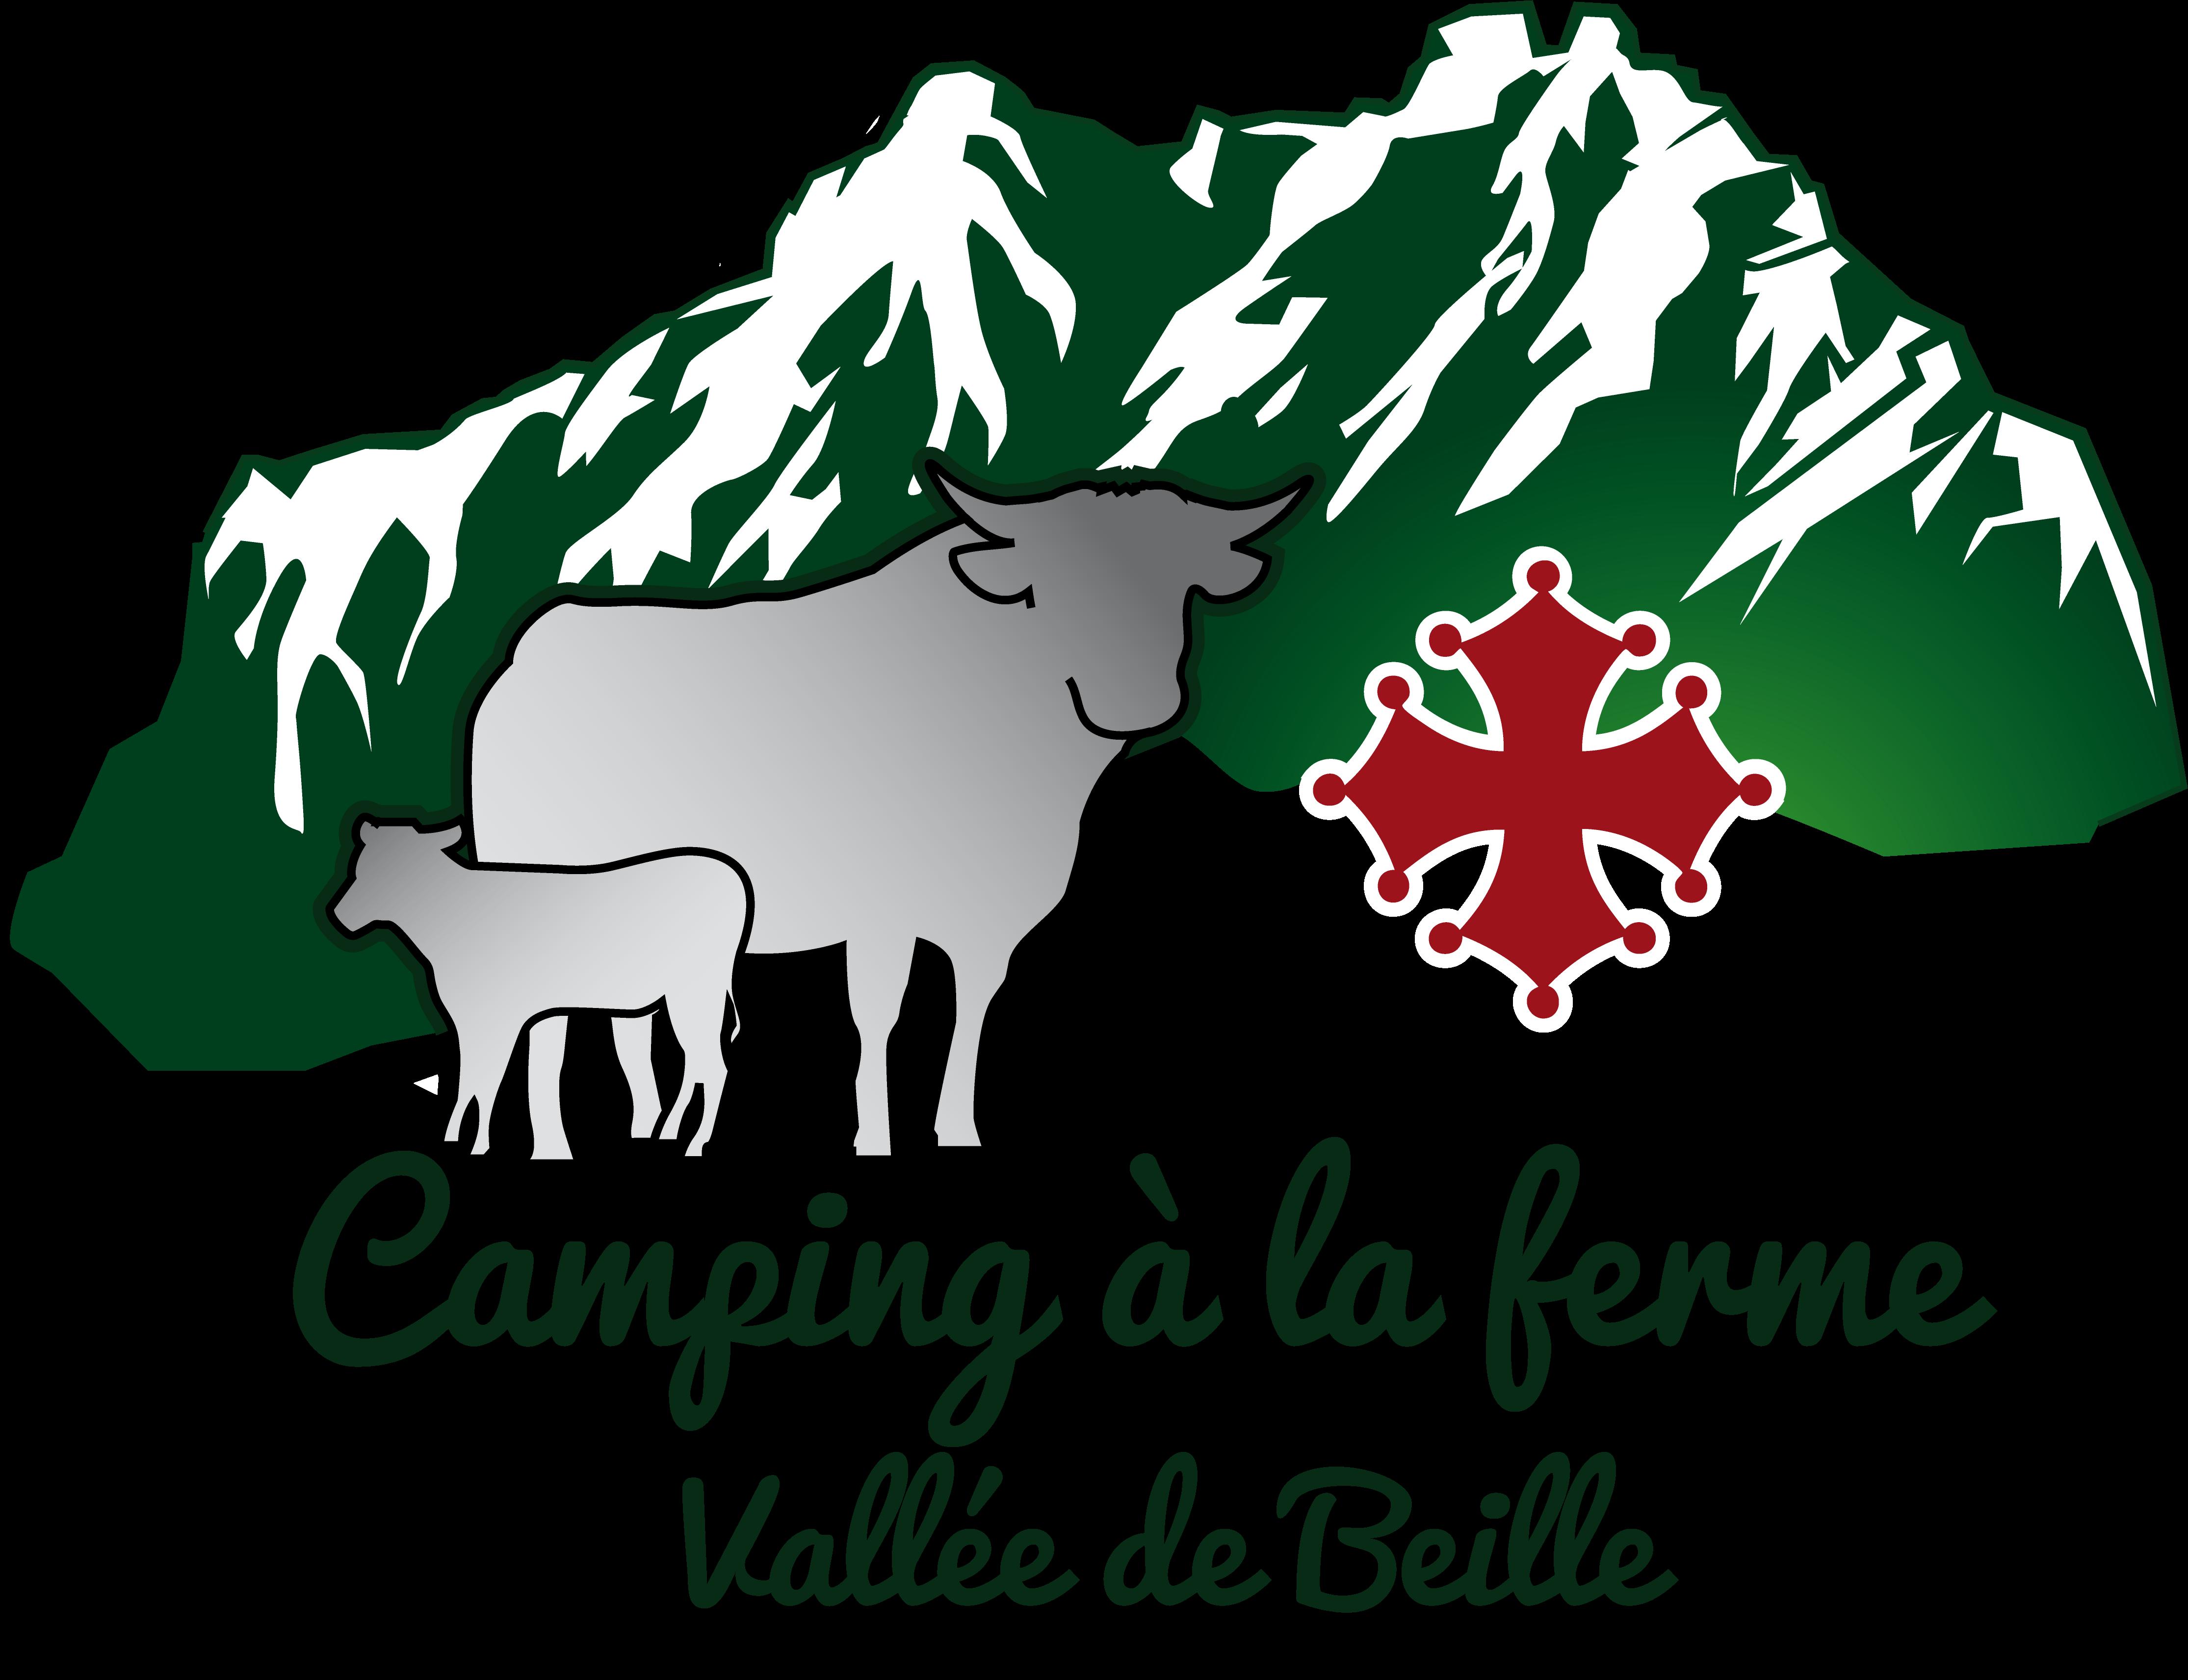 Camping à la ferme vallée de beille